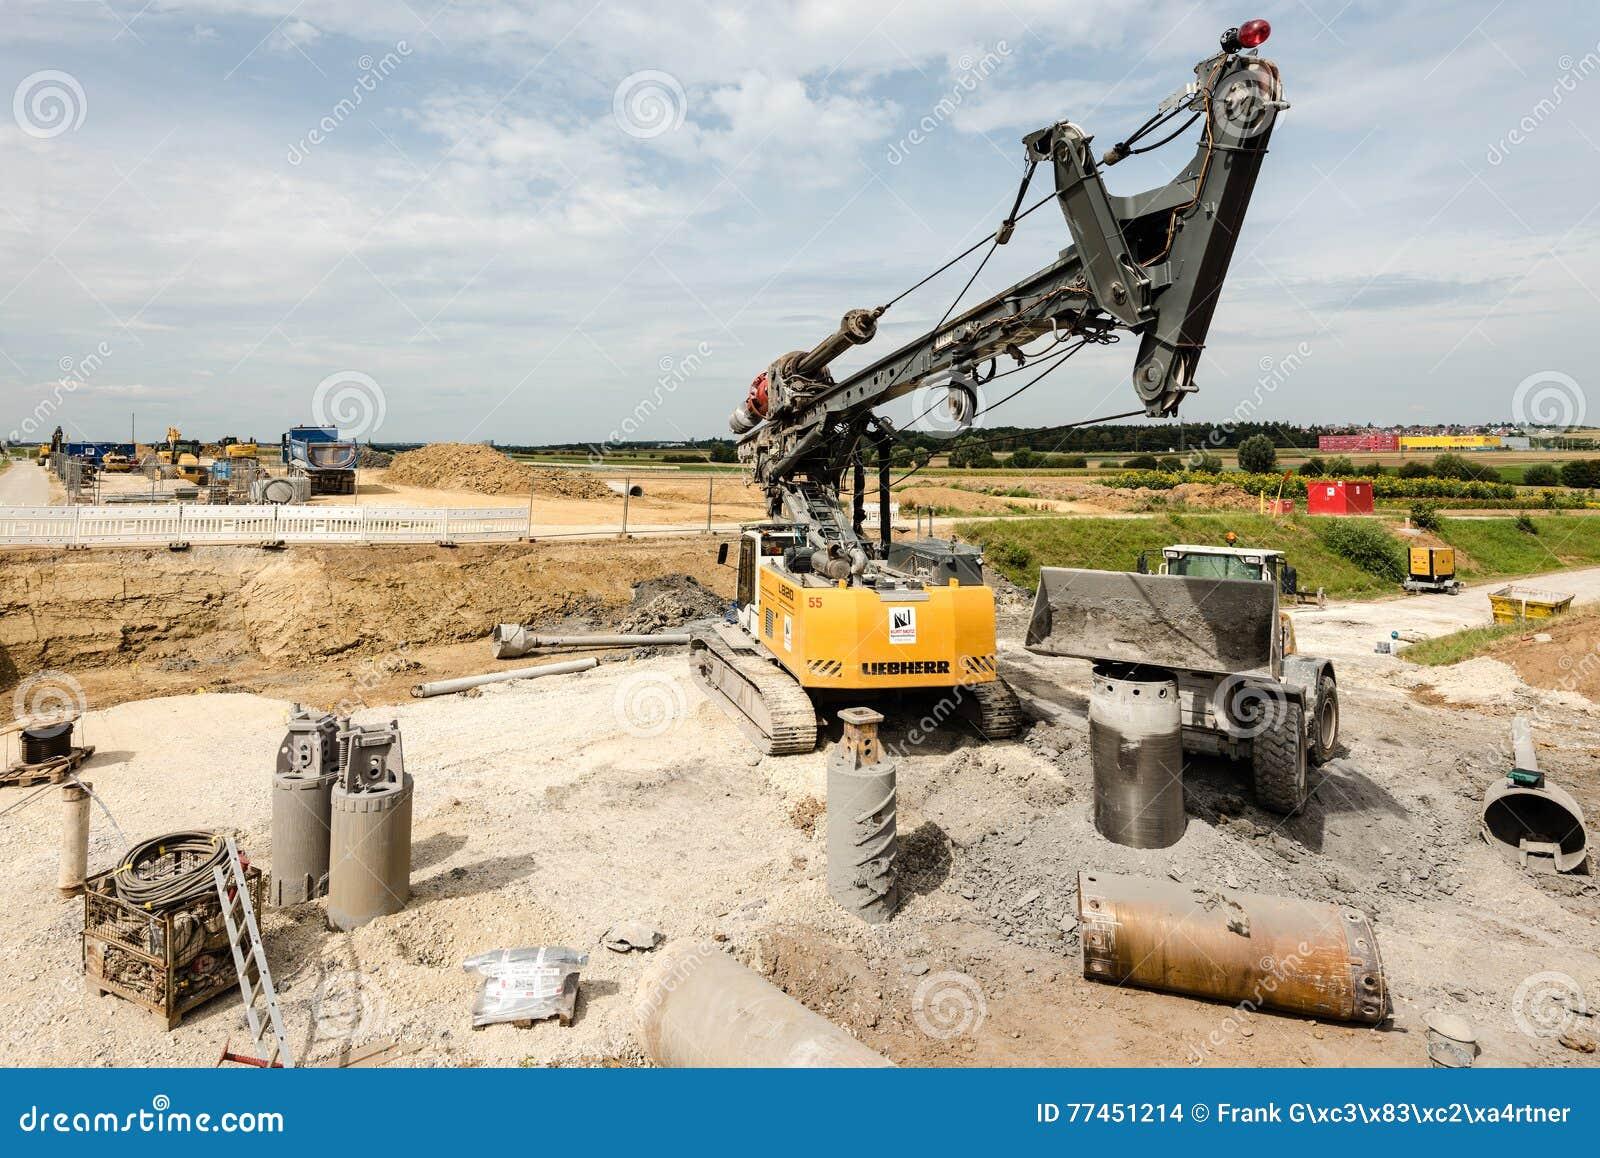 Μεγάλοι περιστροφικοί τρυπάνι και εκσκαφέας στο εργοτάξιο οικοδομής